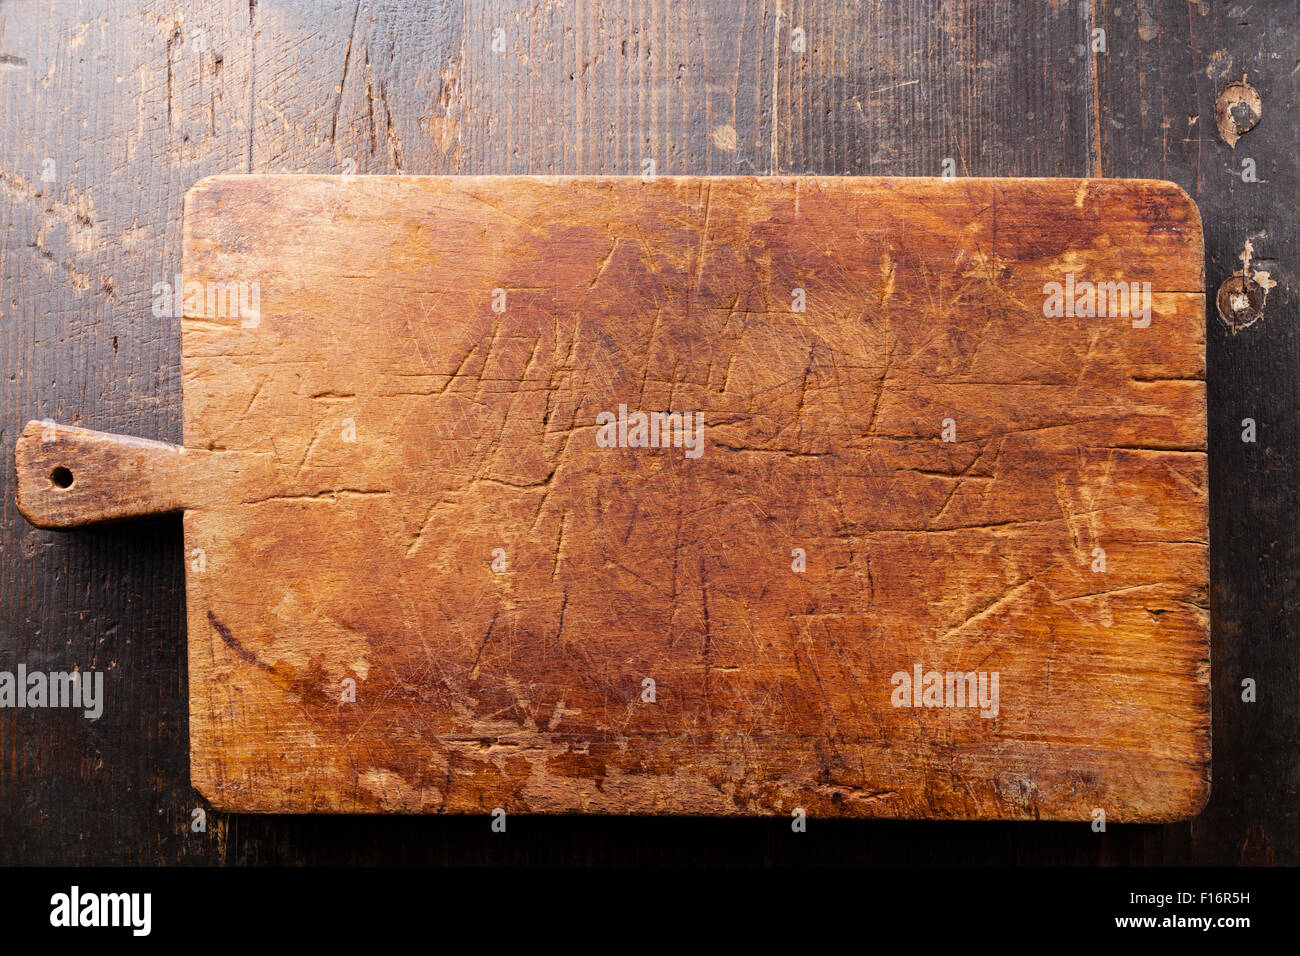 Planche à découper planche à découper en bois sur fond de texture Photo Stock